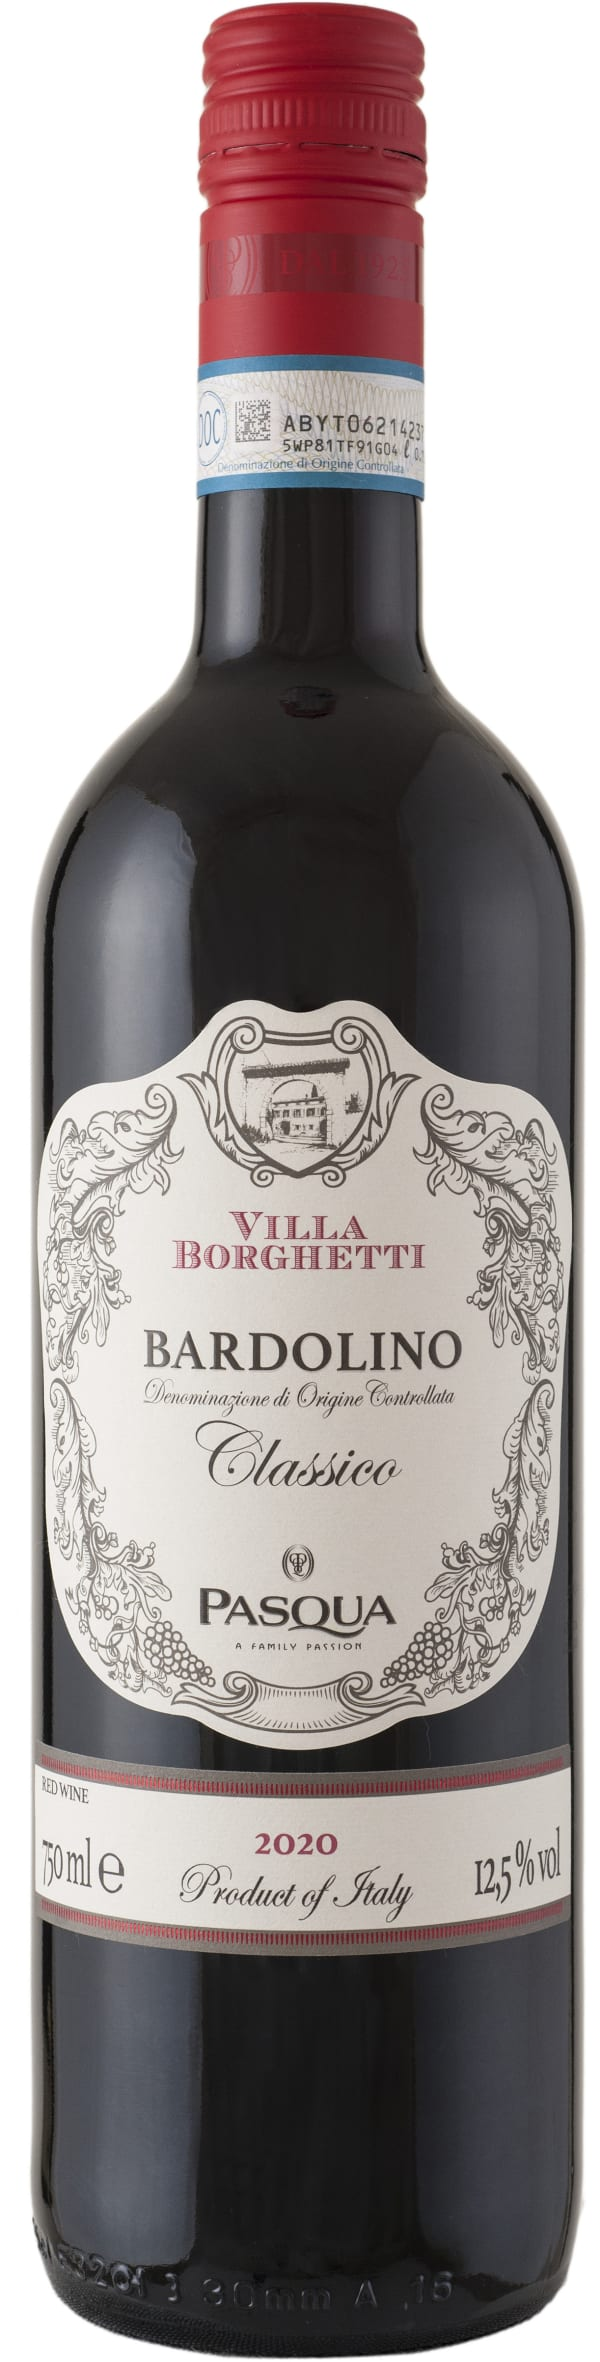 Pasqua Villa Borghetti Bardolino Classico 2020